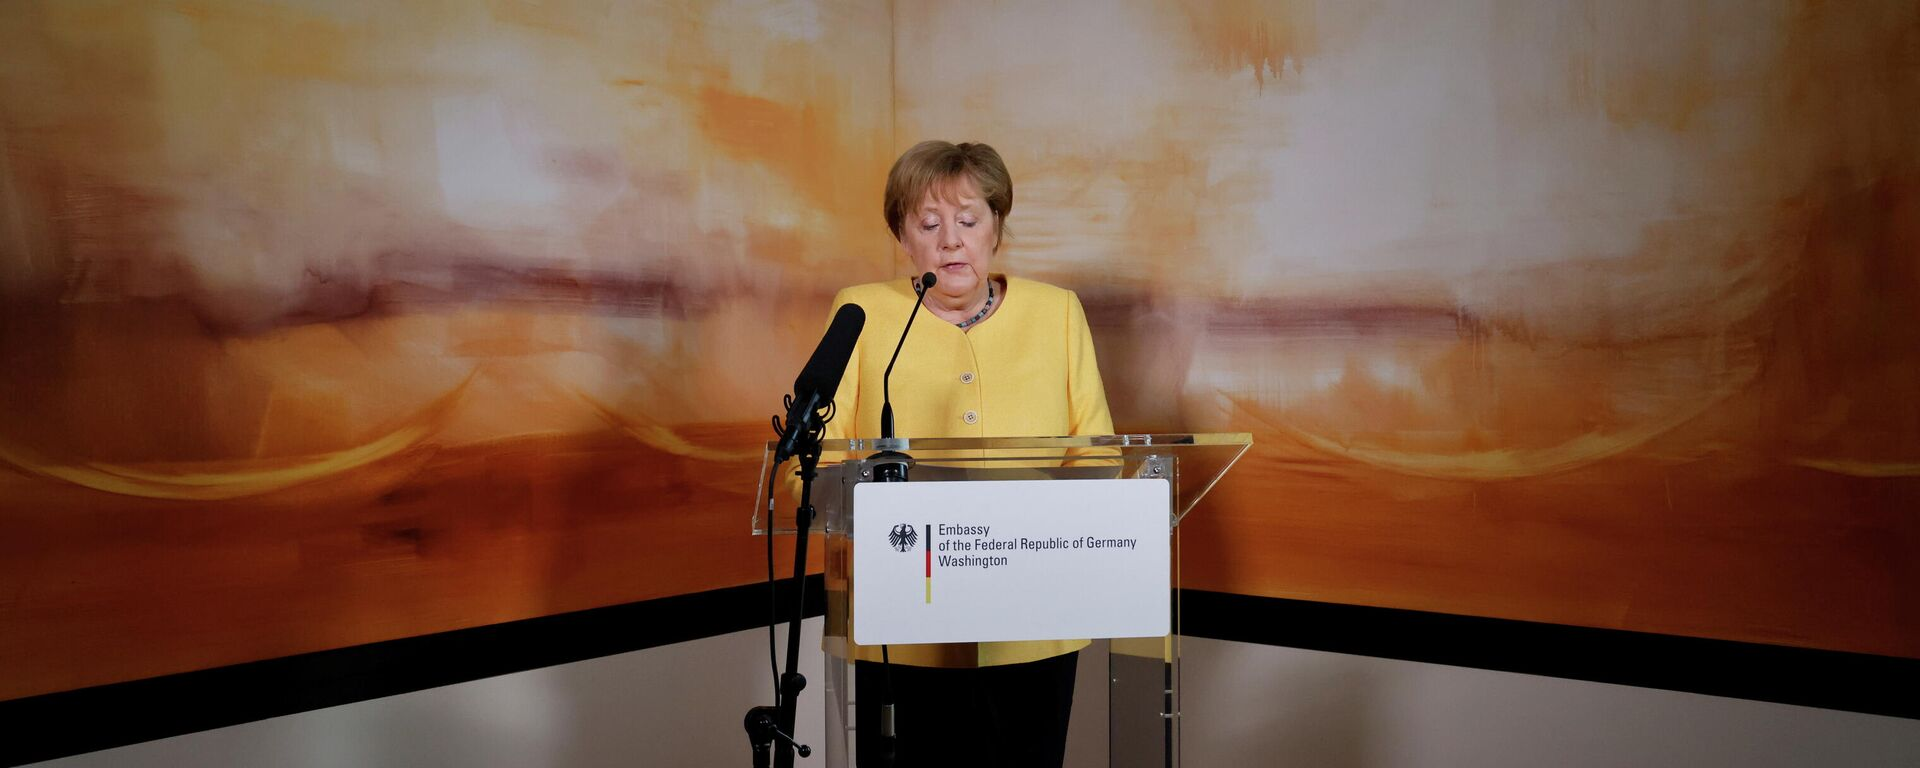 Bundeskanzlerin Angela Merkel hält eine Rede in Washington, 15.07.2021 - SNA, 1920, 15.07.2021